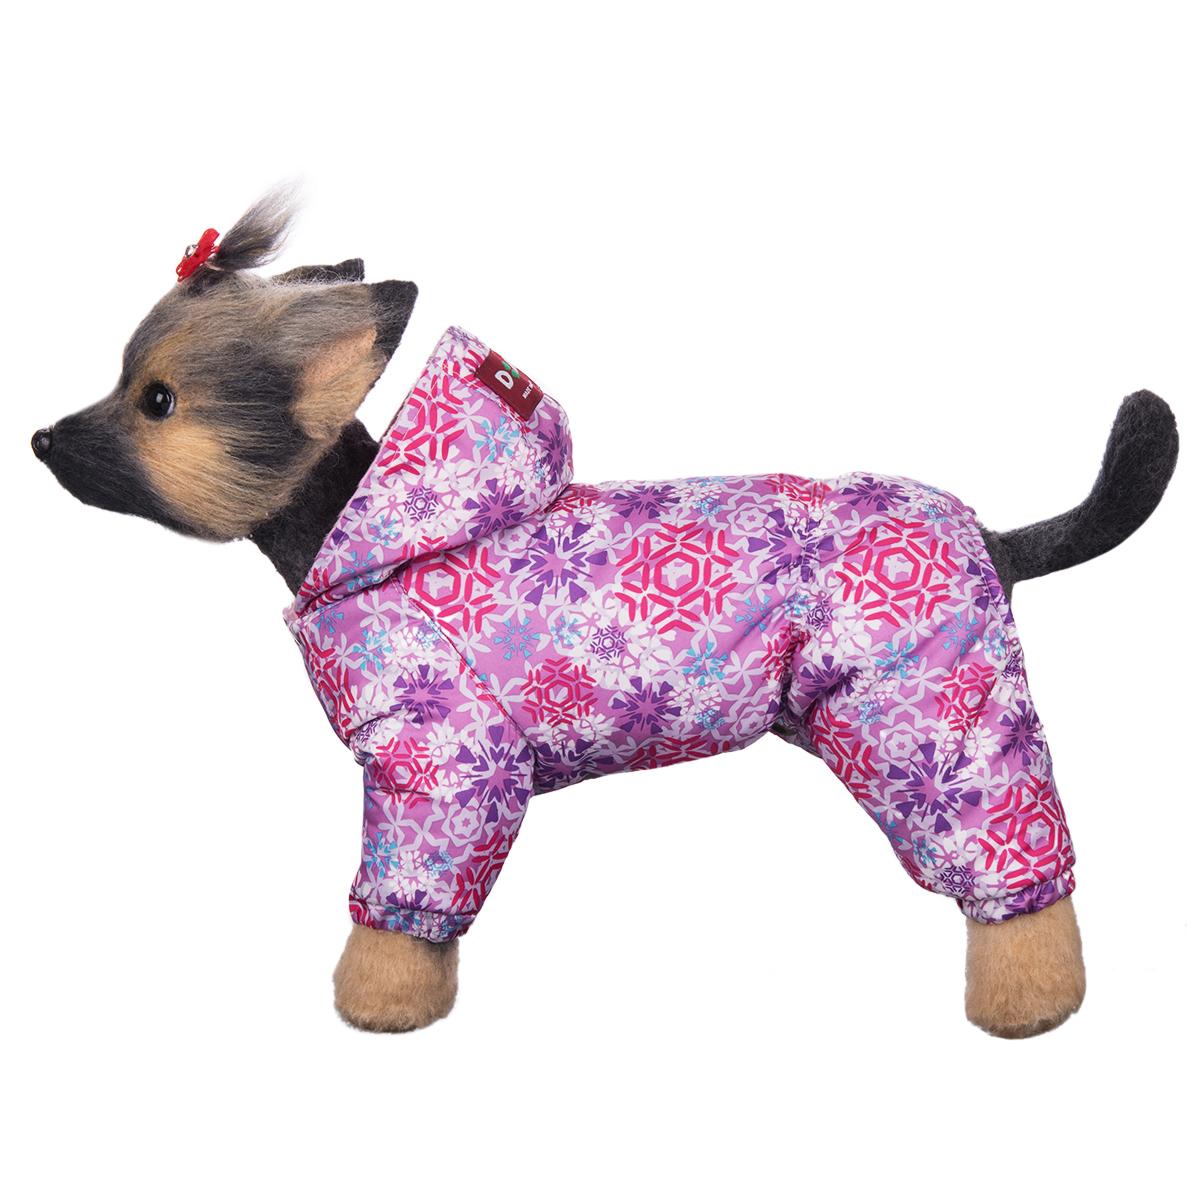 Комбинезон для собак Dogmoda Зима, зимний, для девочки, цвет: розовый, белый. Размер 2 (M)DM-160259-2Зимний комбинезон для собак Dogmoda Зима отлично подойдет для прогулок в зимнее время года. Комбинезон изготовлен из полиэстера, защищающего от ветра и снега, с утеплителем из синтепона, который сохранит тепло даже в сильные морозы, а на подкладке используется искусственный мех, который обеспечивает отличный воздухообмен. Комбинезон с капюшоном застегивается на кнопки, благодаря чему его легко надевать и снимать. Капюшон не отстегивается. Низ рукавов и брючин оснащен внутренними резинками, которые мягко обхватывают лапки, не позволяя просачиваться холодному воздуху. Благодаря такому комбинезону простуда не грозит вашему питомцу.